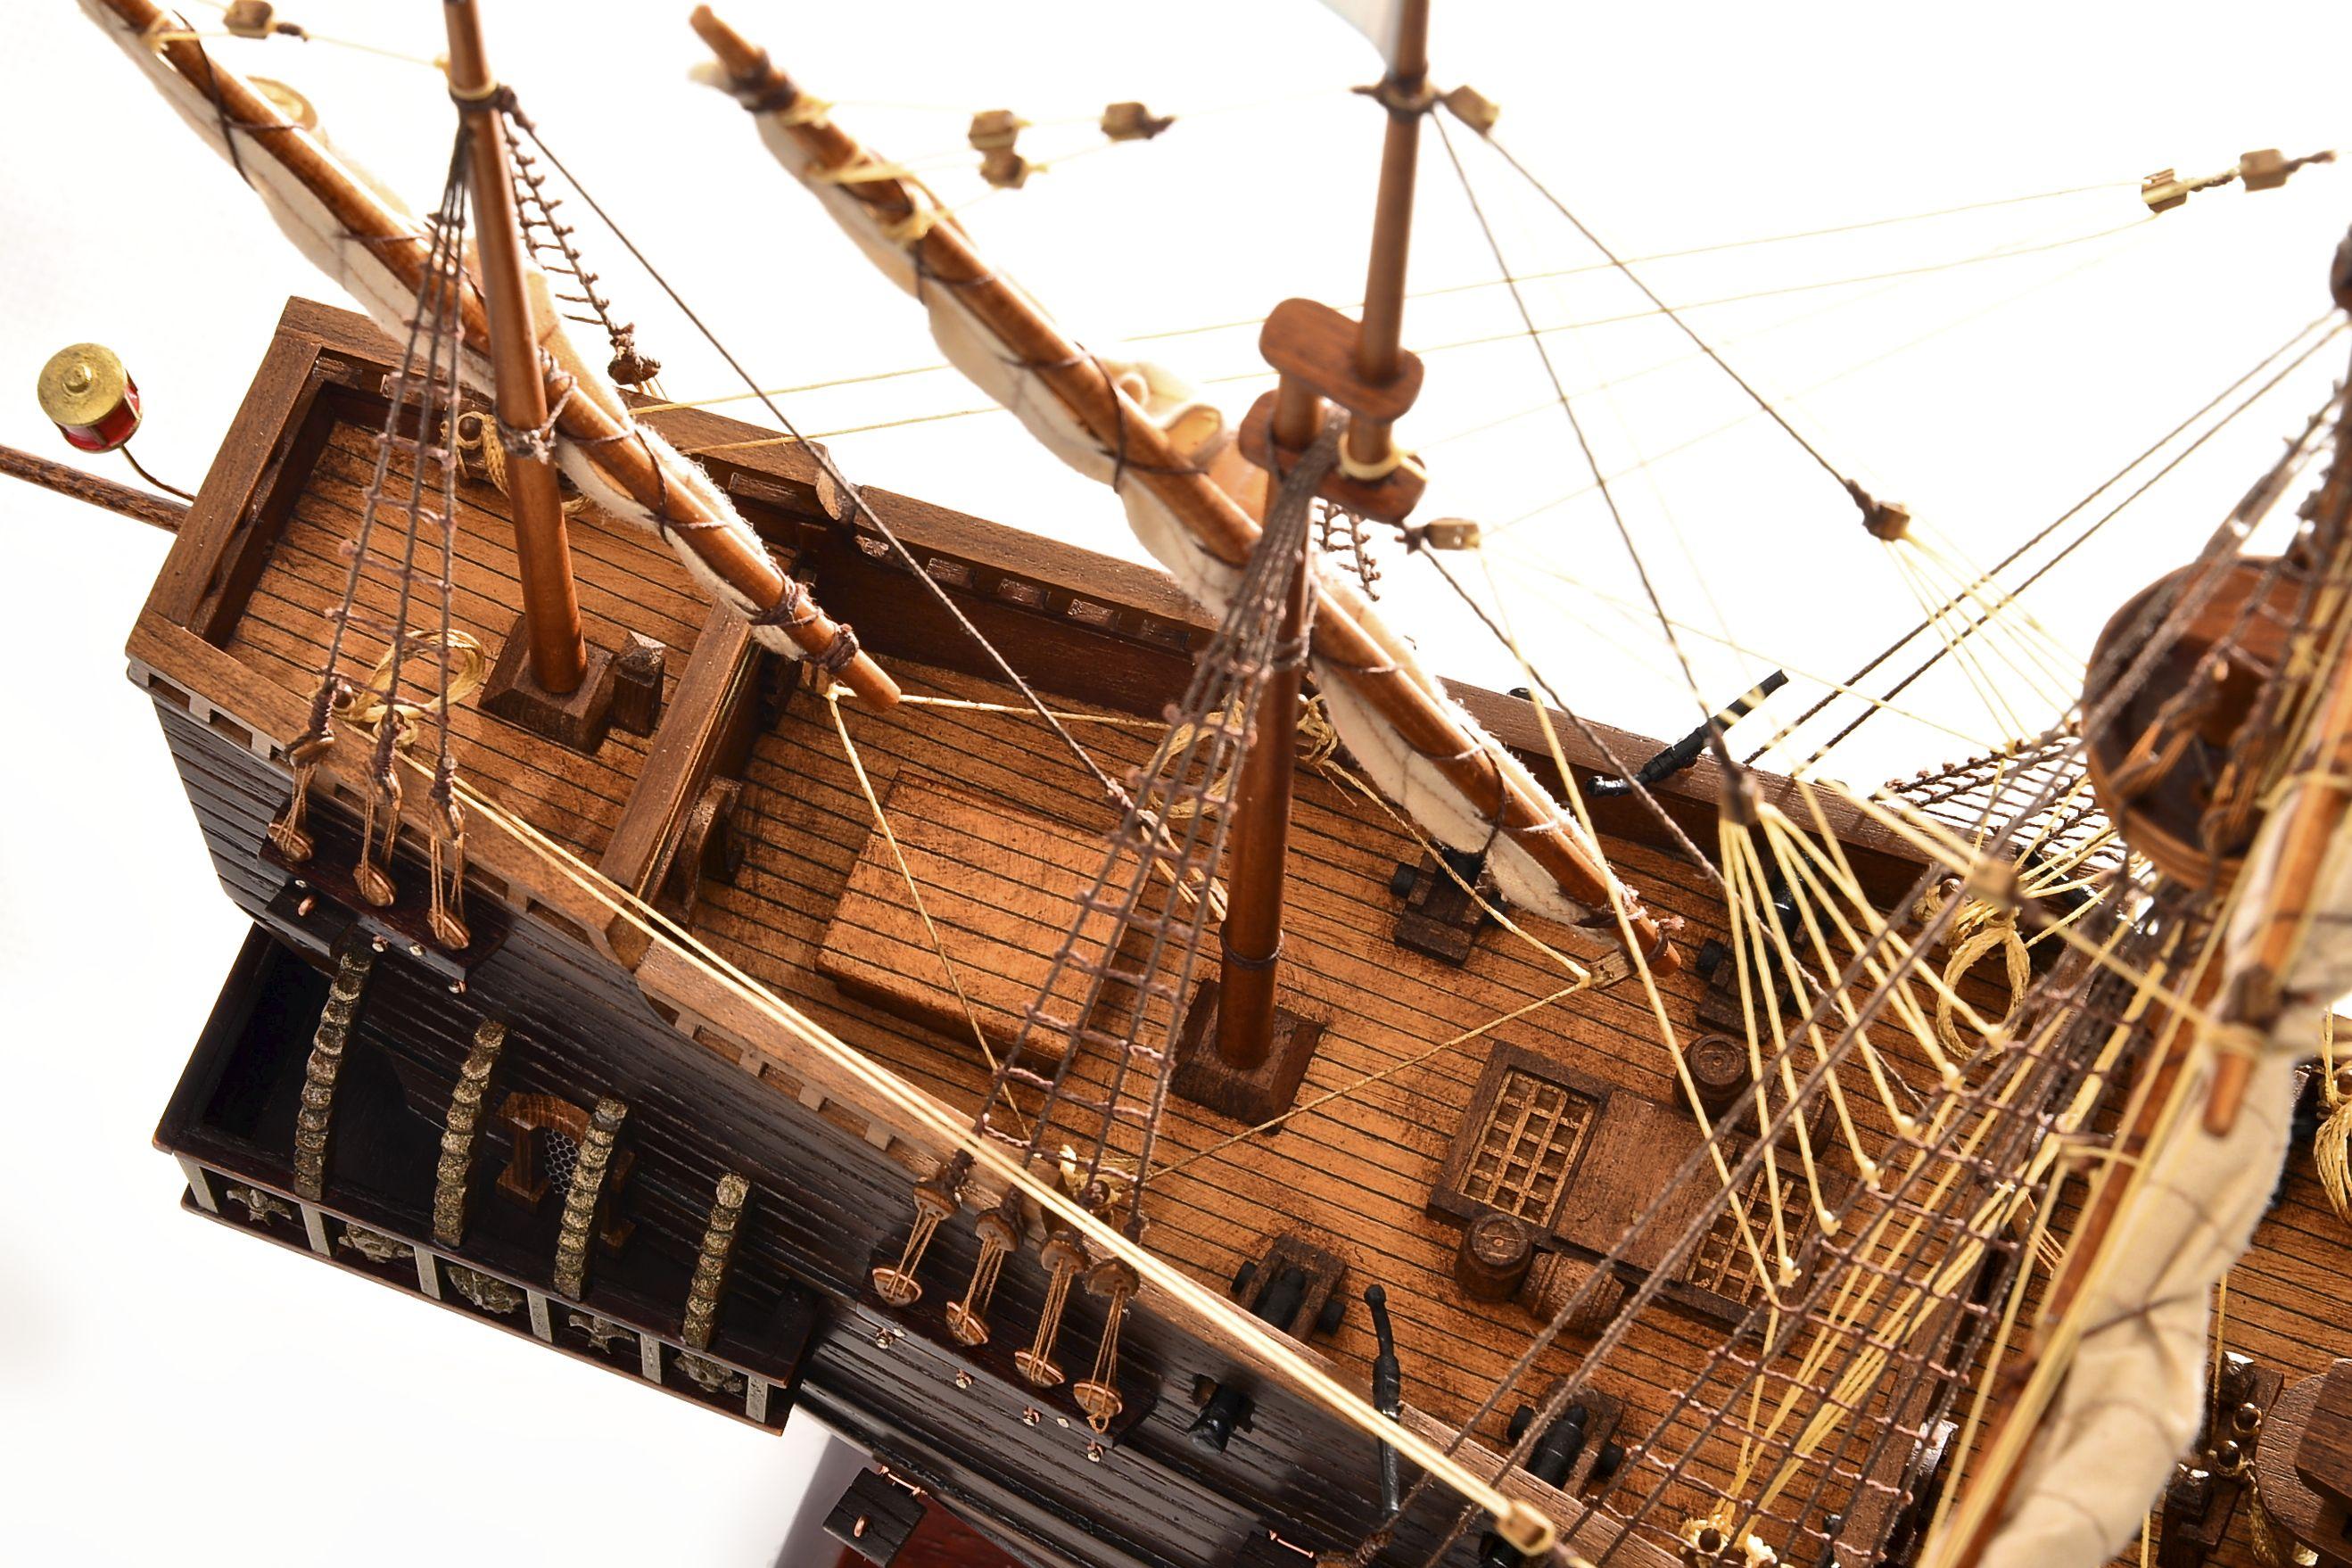 1803-10781-Hms-Revenge-Model-Ship